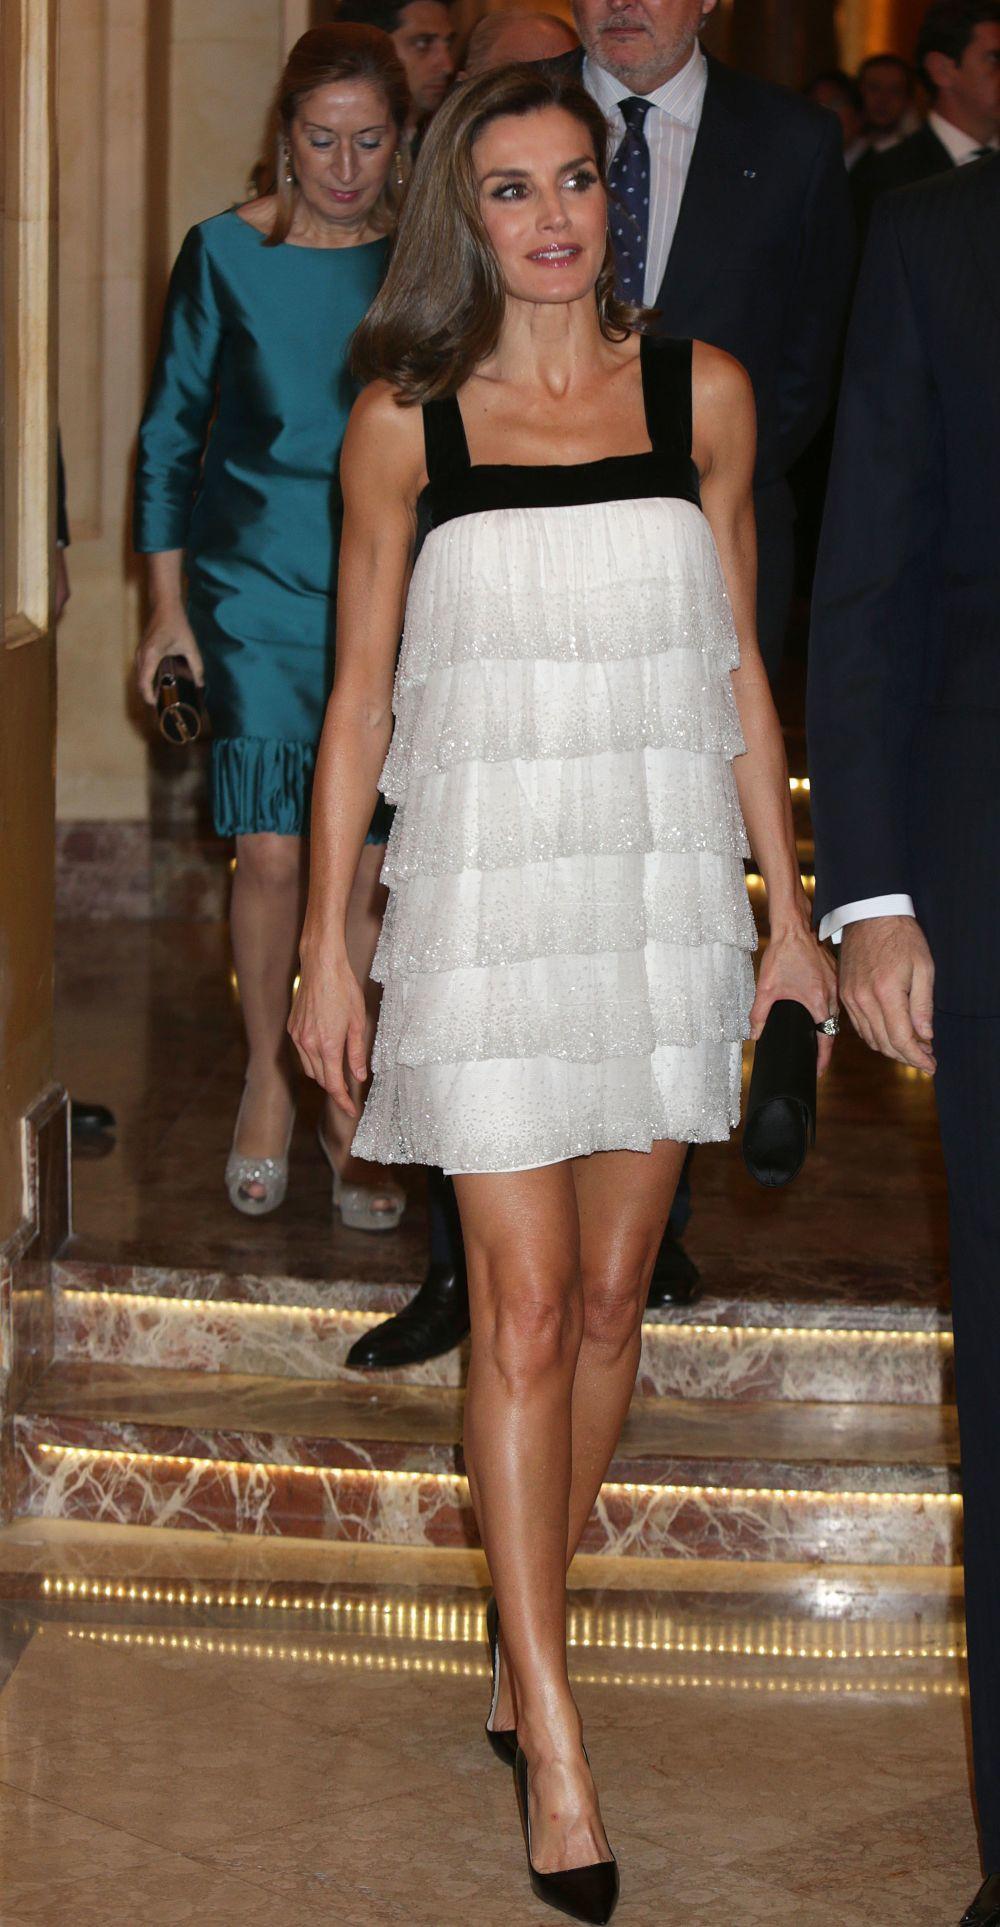 La reina Letizia presume de piernas, sin medias.